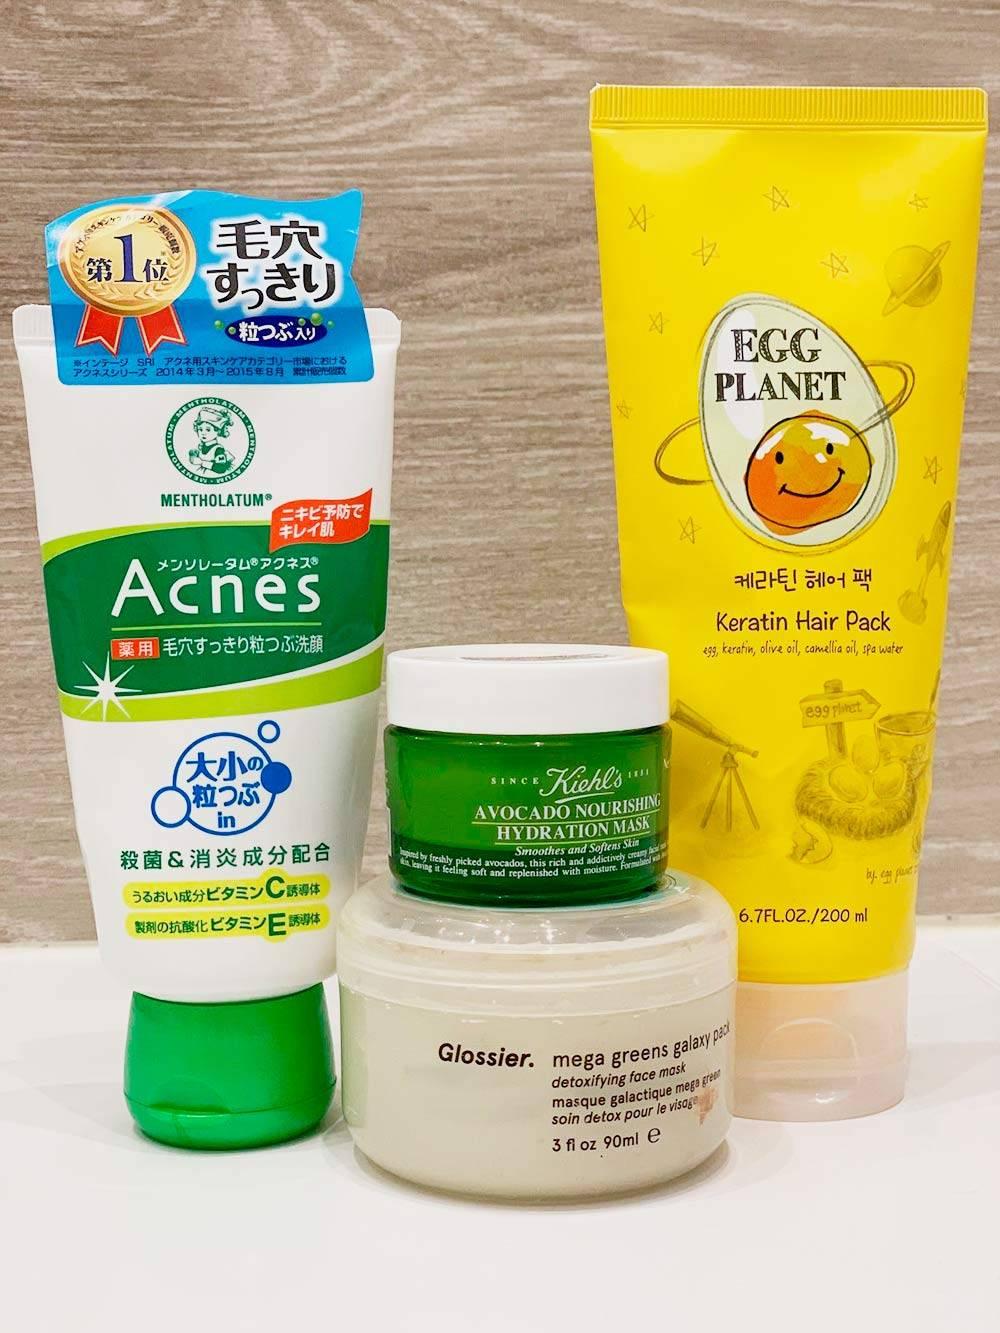 Крем-скраб длялица Acnes, питательная маска с авокадо Kiehl's, очищающая маска Glossier и маска дляволос с кератином Egg Planet